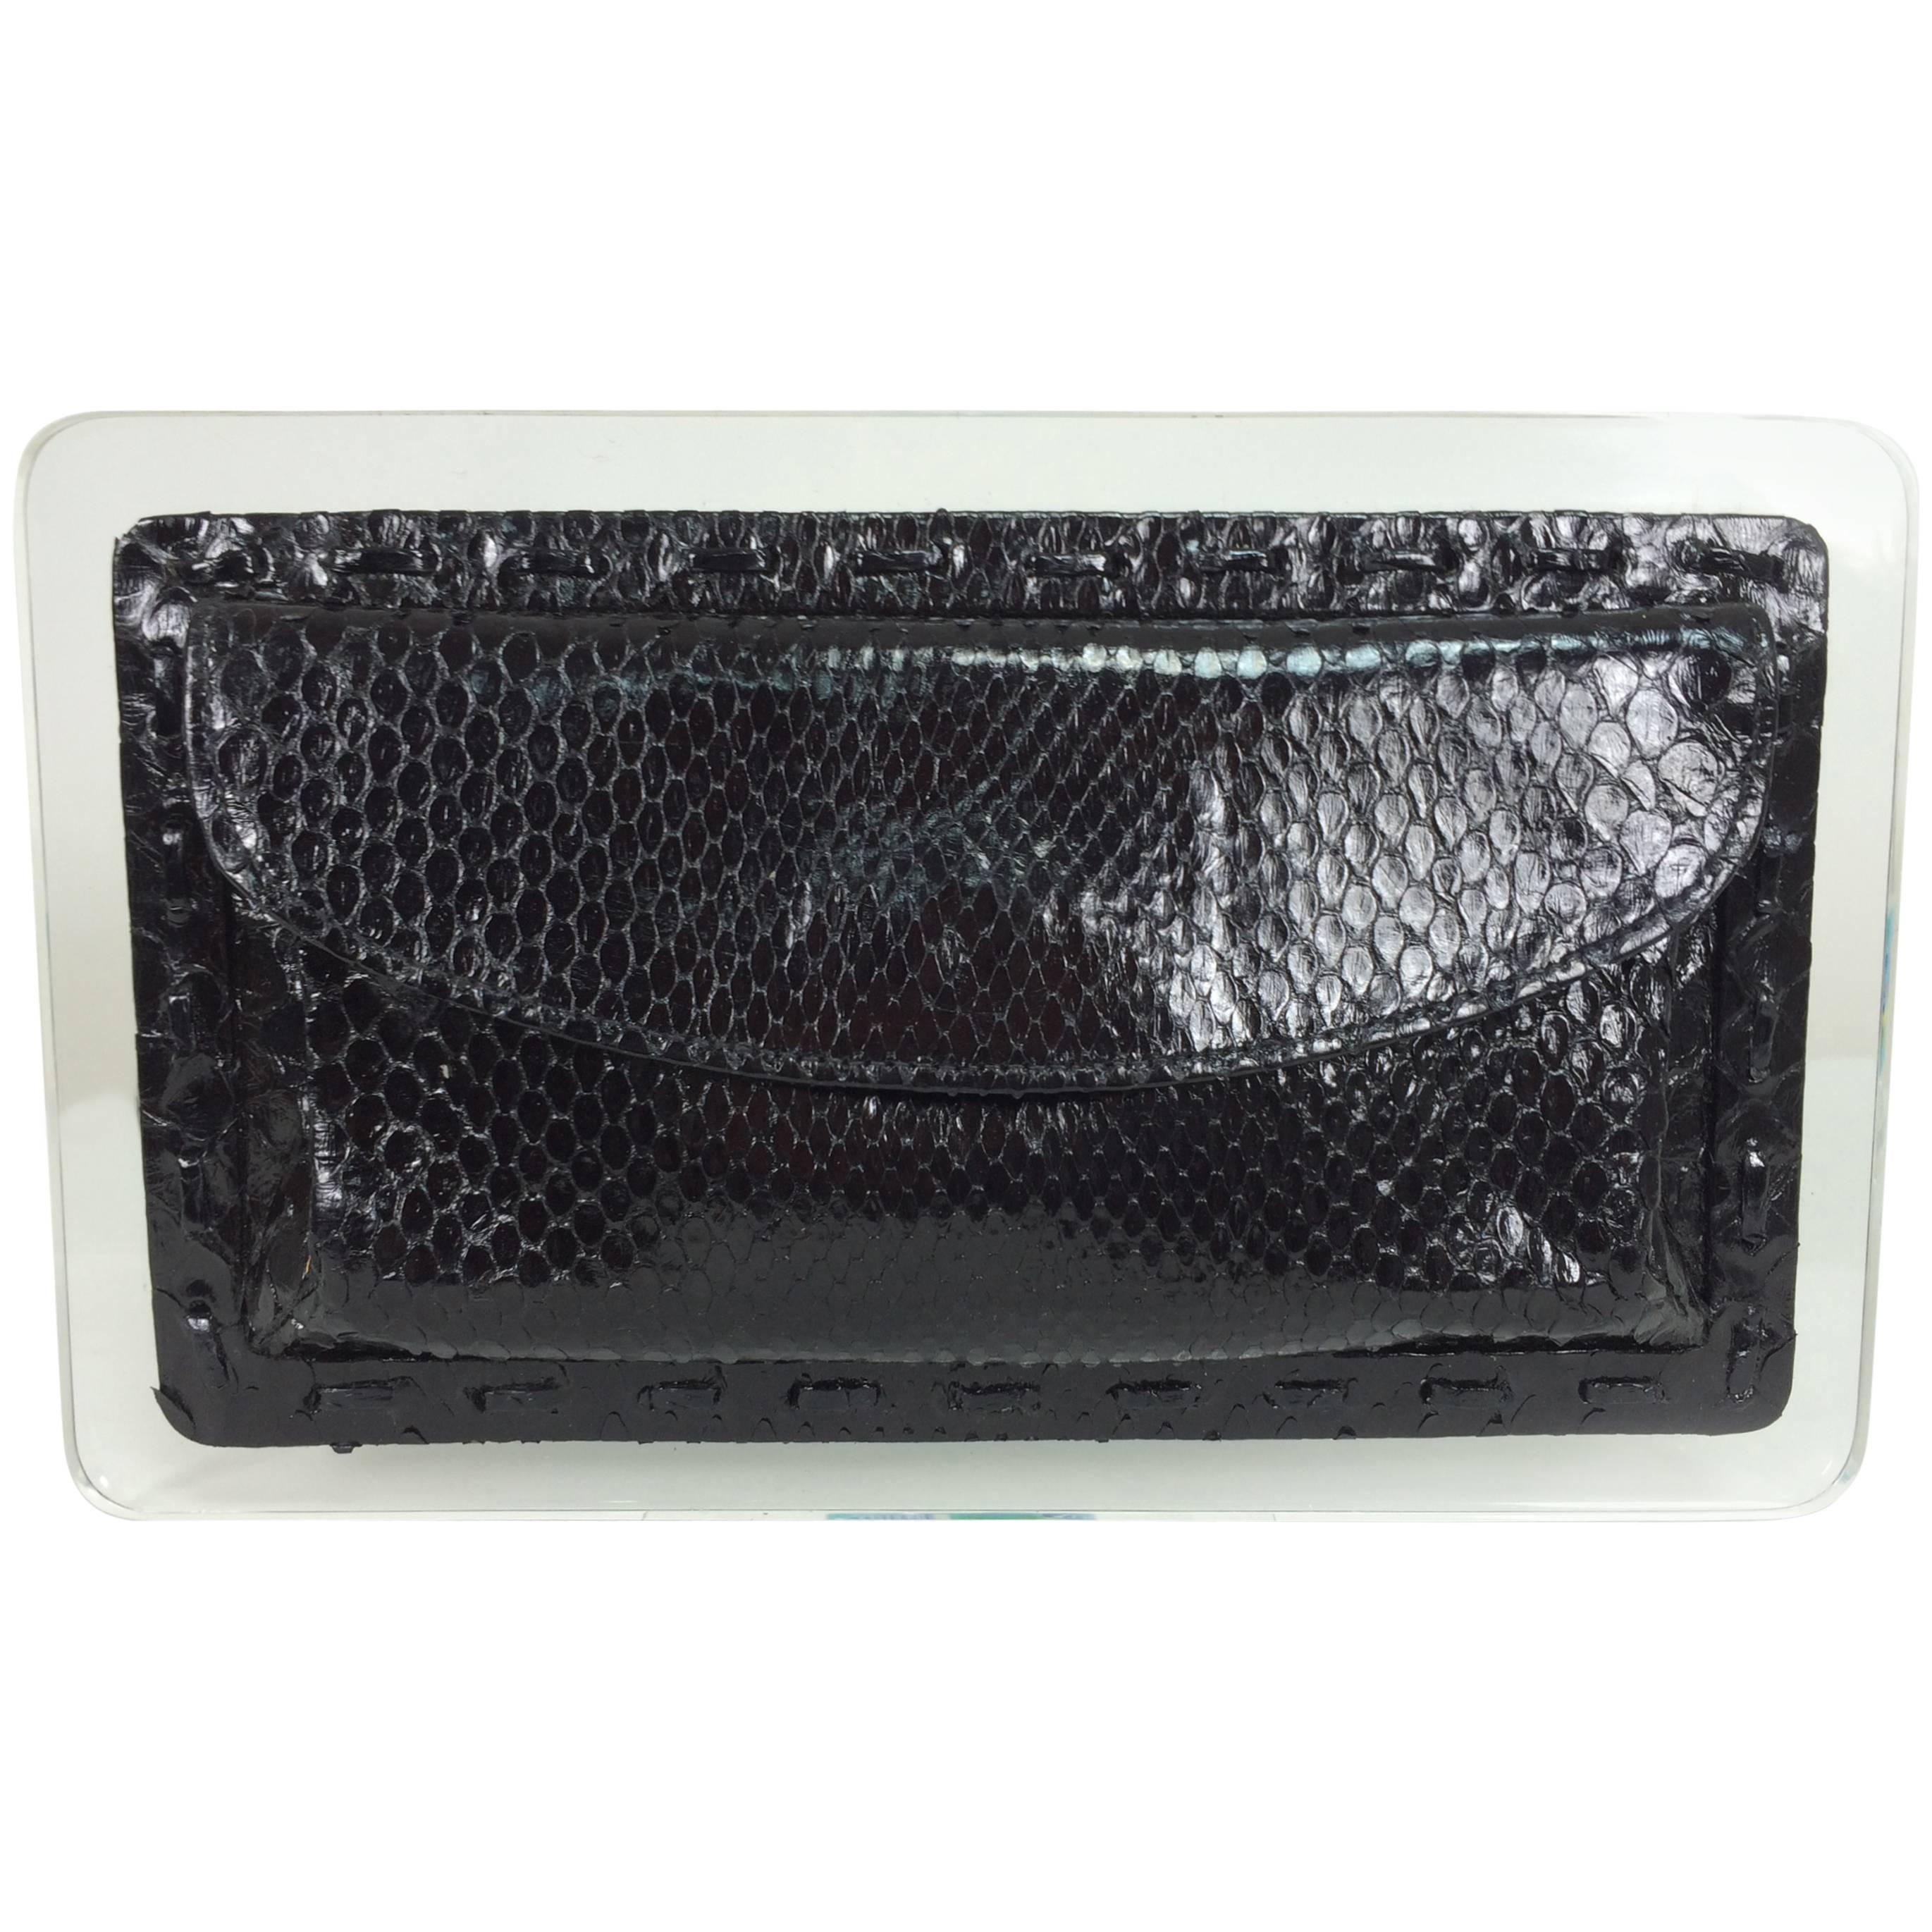 3db2171f4c45 Salvatore Ferragamo black suede gold hardware clutch shoulder bag For Sale  at 1stdibs